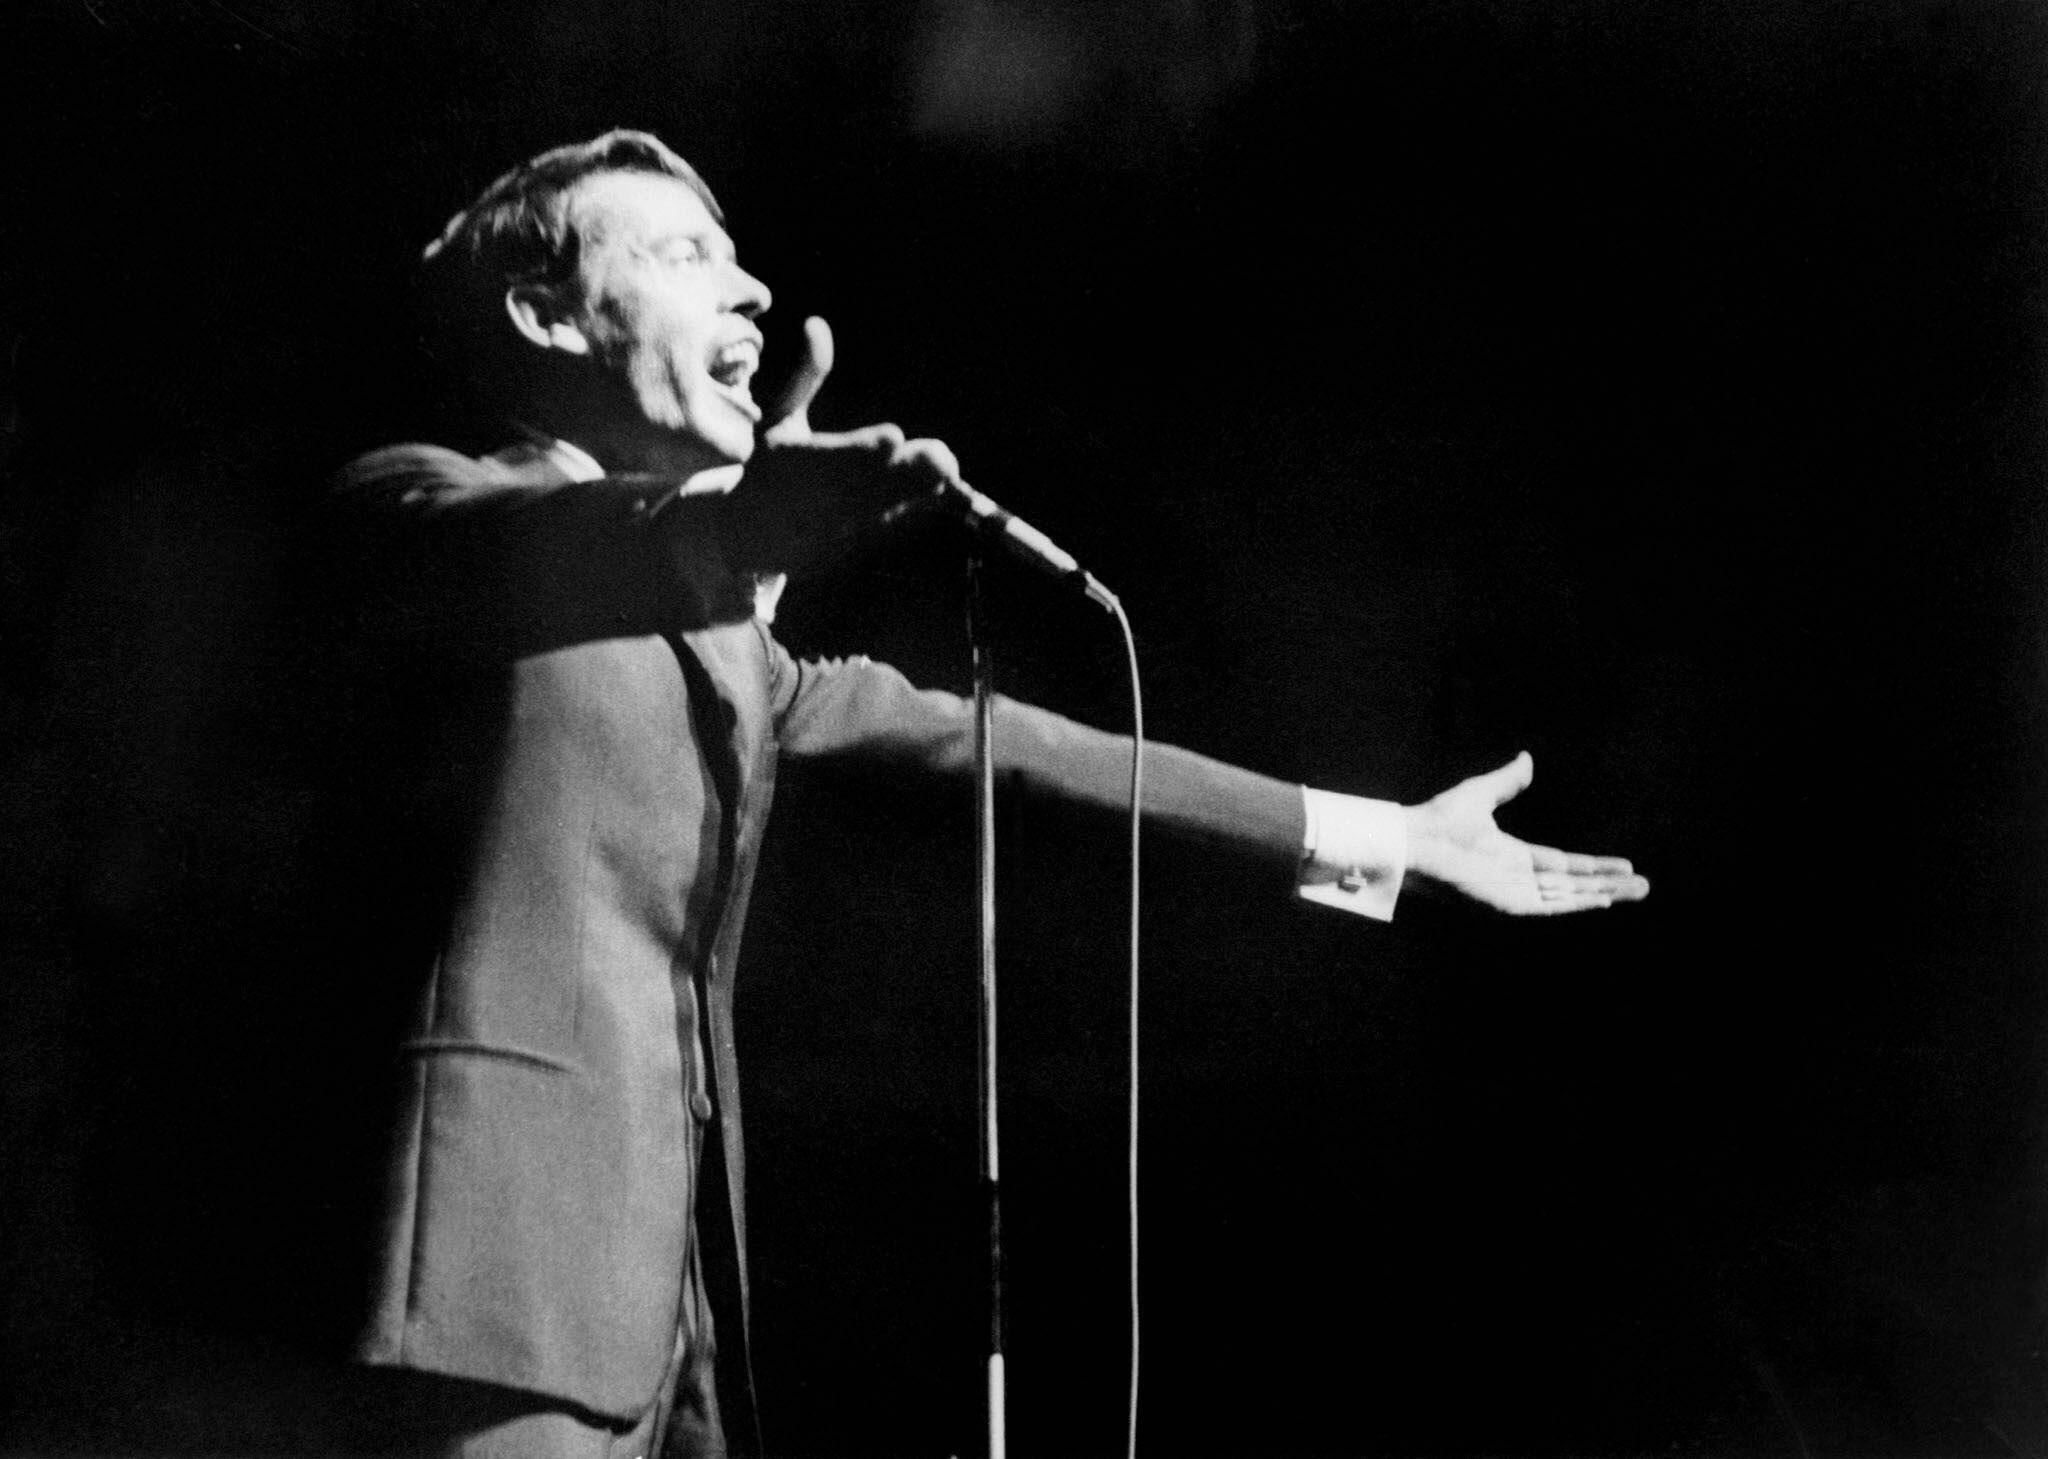 Le chanteur belge Jacques Brel lors de son dernier concert à l'Olympia le 7 octobre 1966.